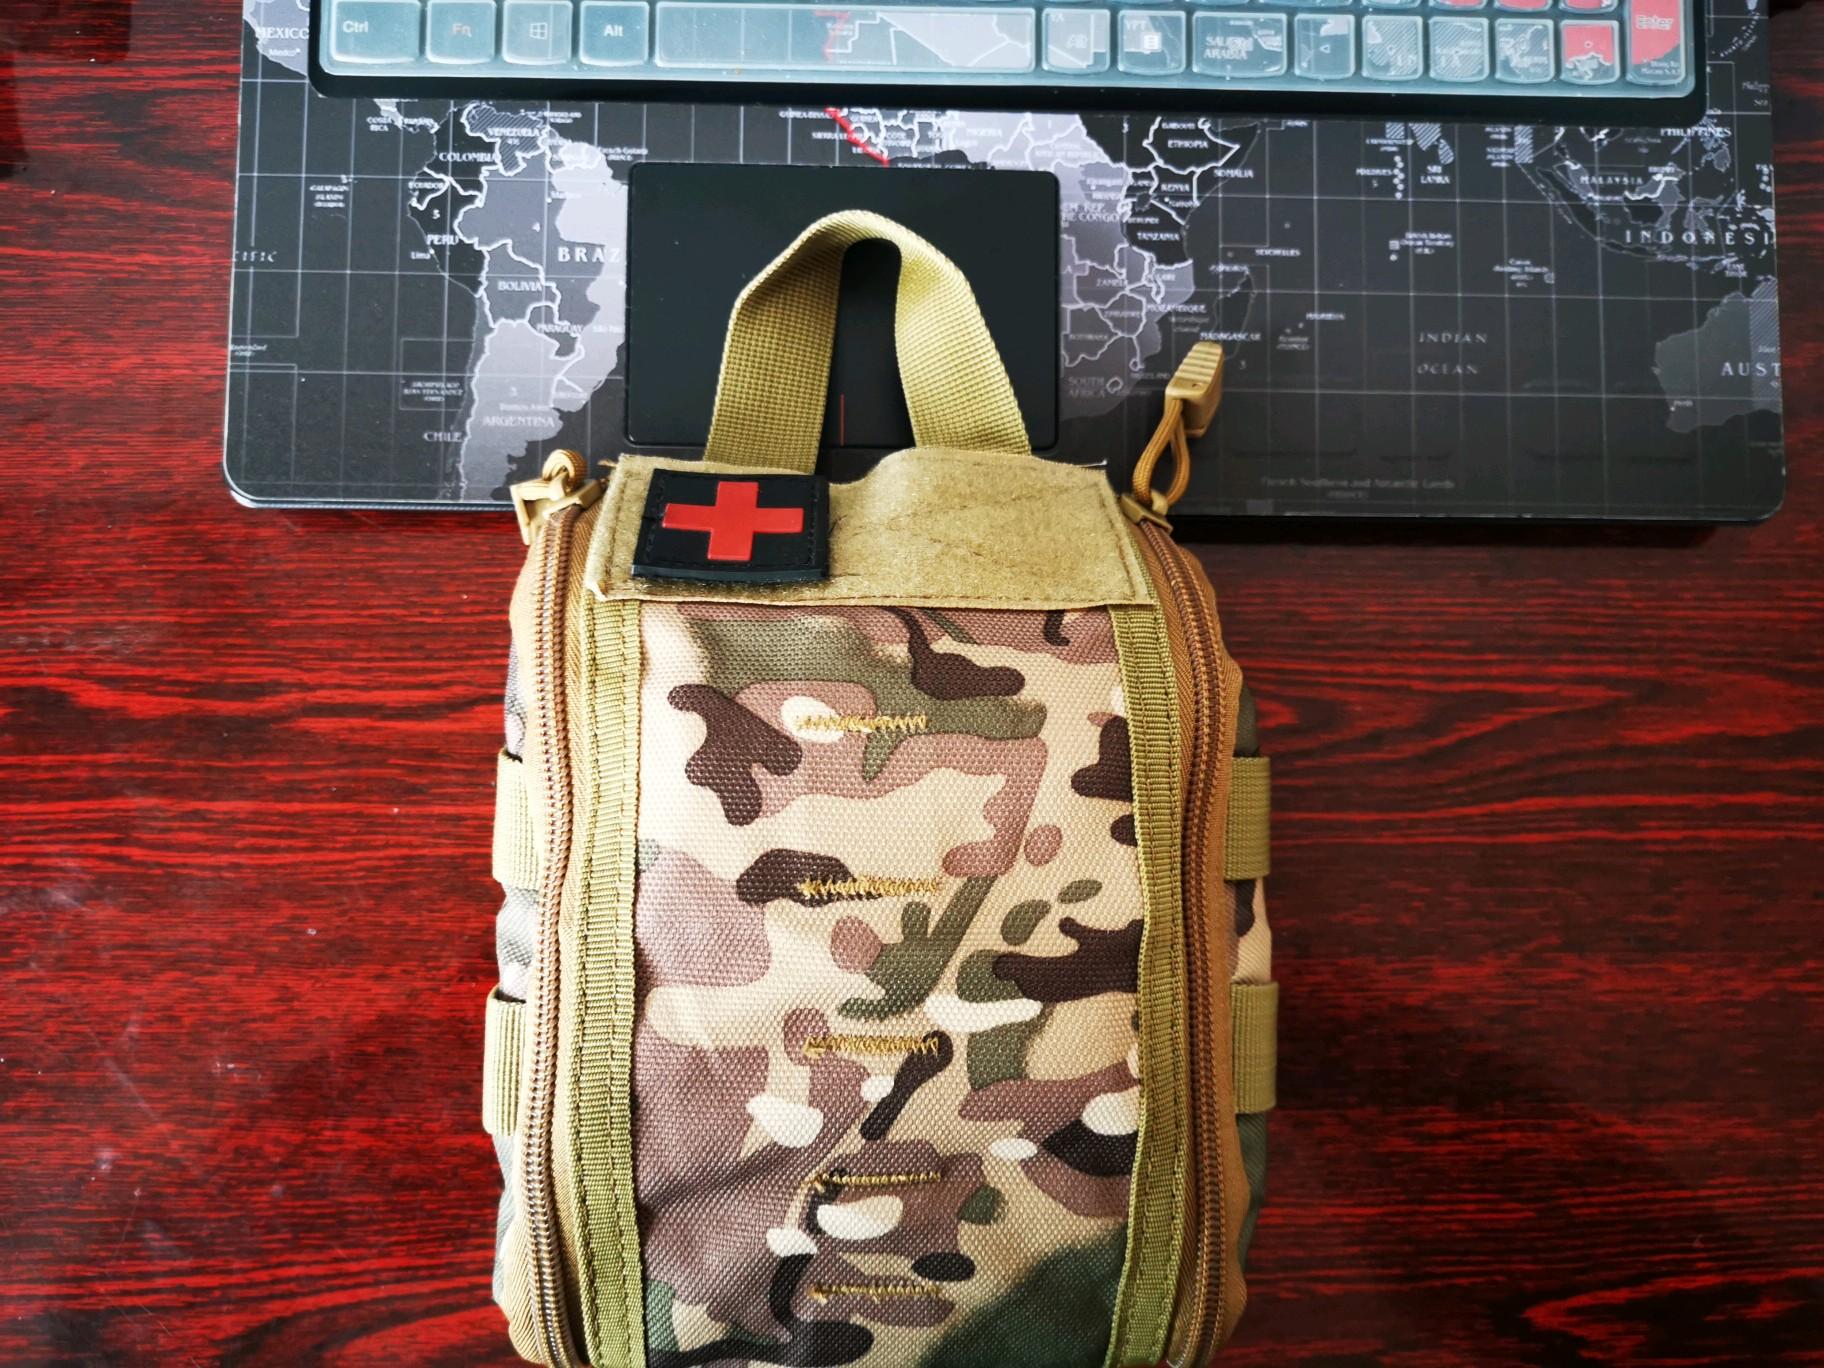 一个医学生在户外露营与日常通勤中准备的比较合适的医疗包